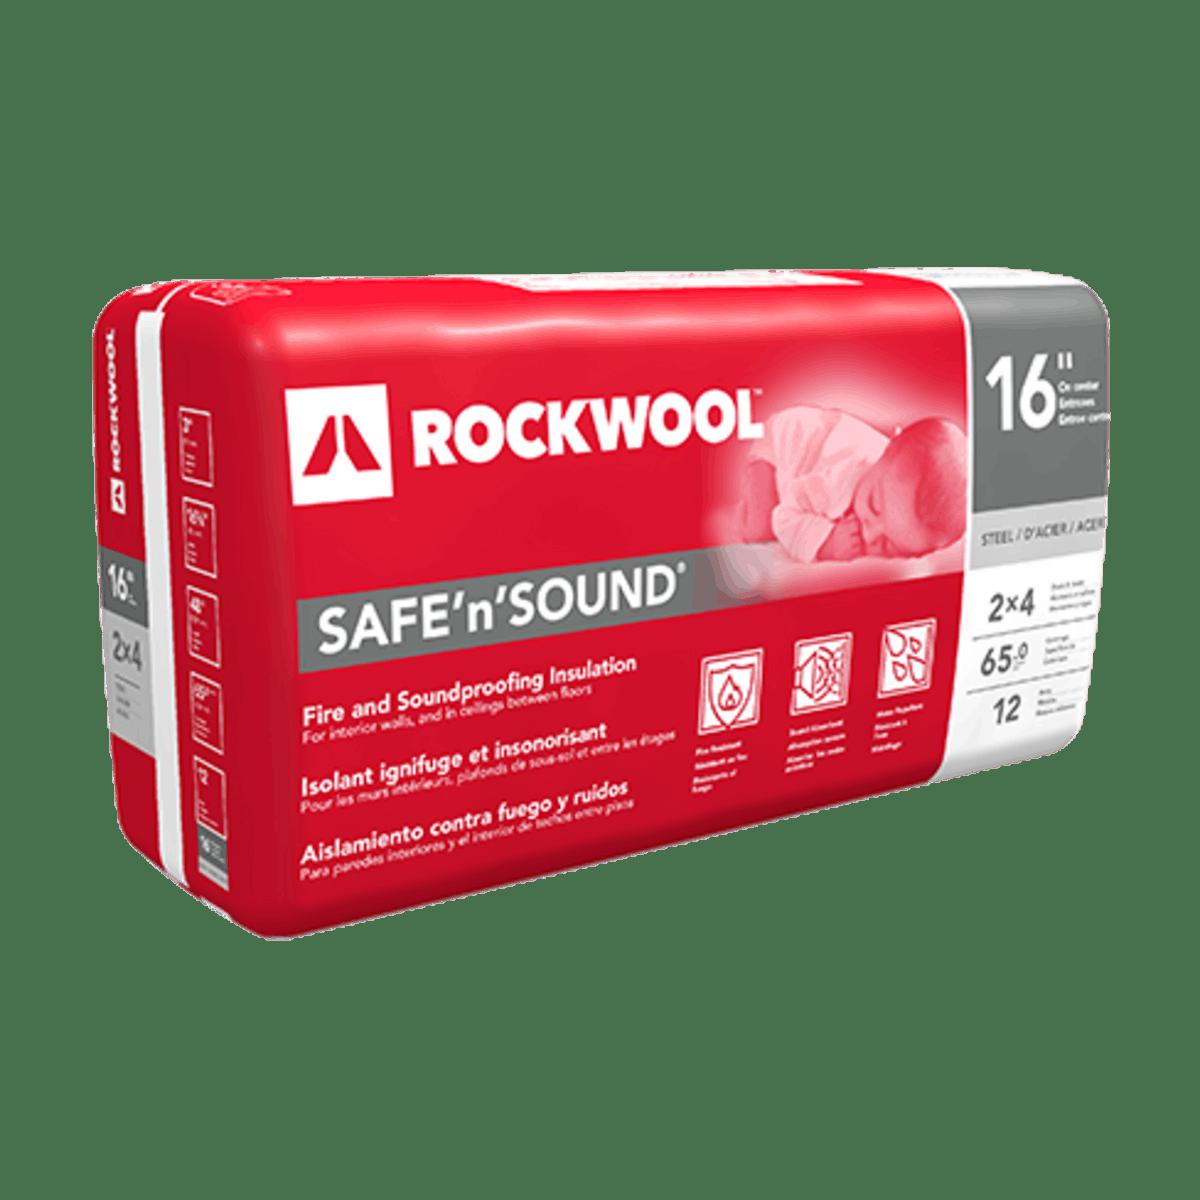 ROCKWOOL Safe n Sound